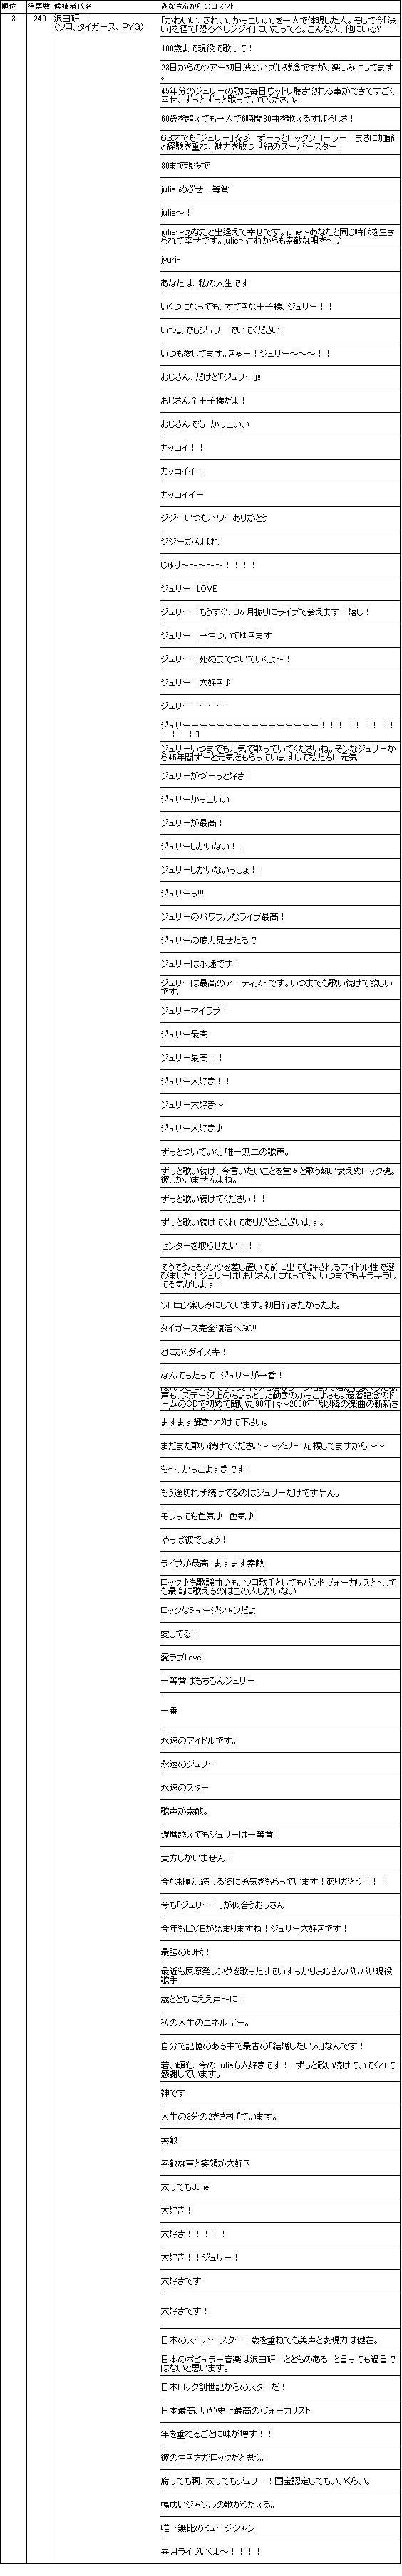 $おじさんミュージシャン総選挙ブログ 【OJM2012】-3_julie_comment